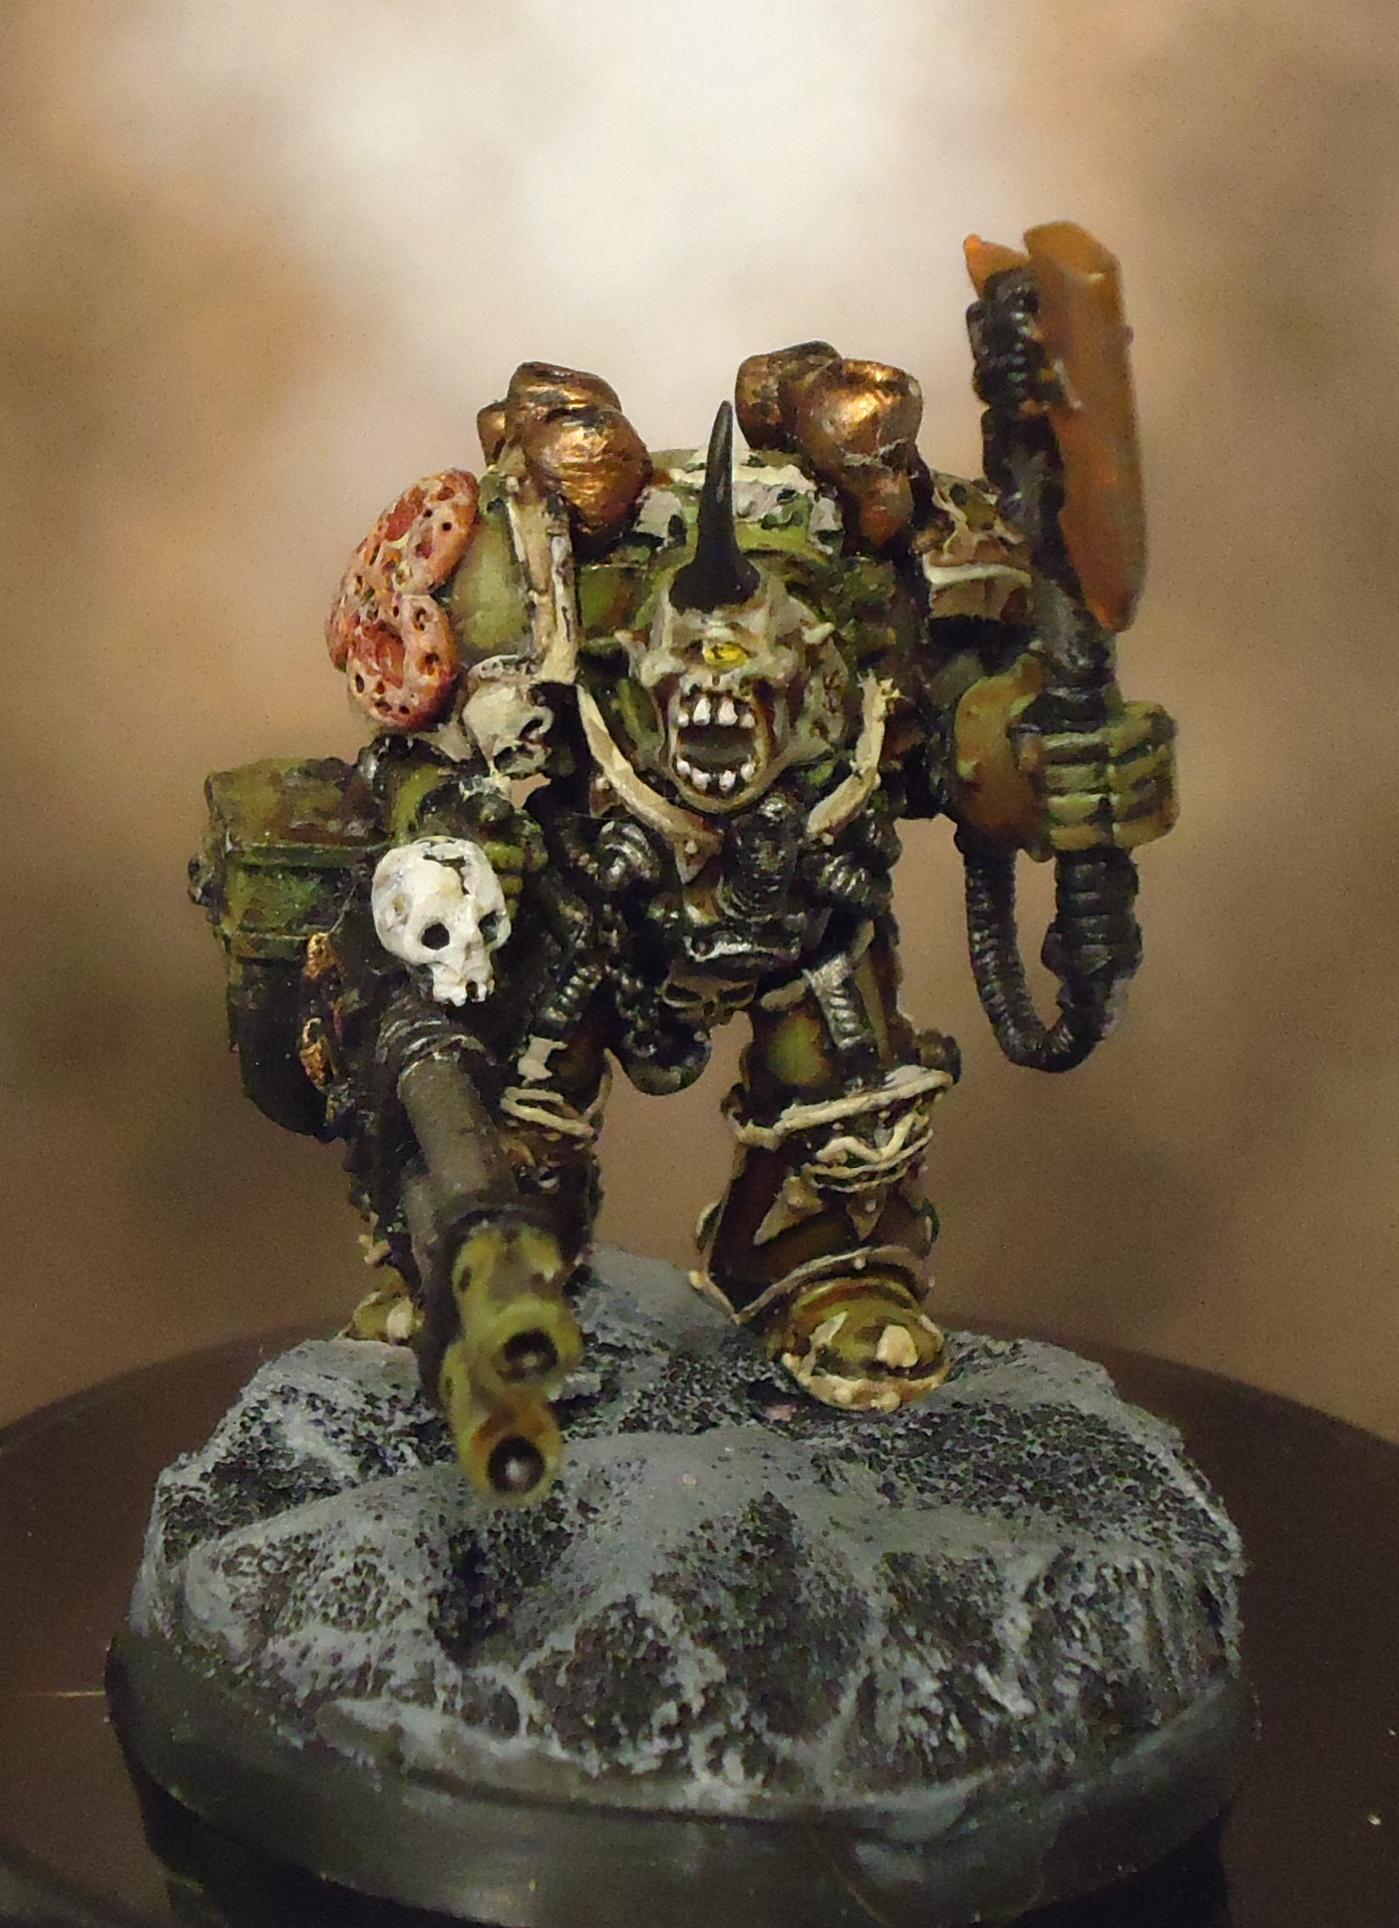 Conversion, Death Guard, Nurgle, Rot, Rust, Terminator Armor